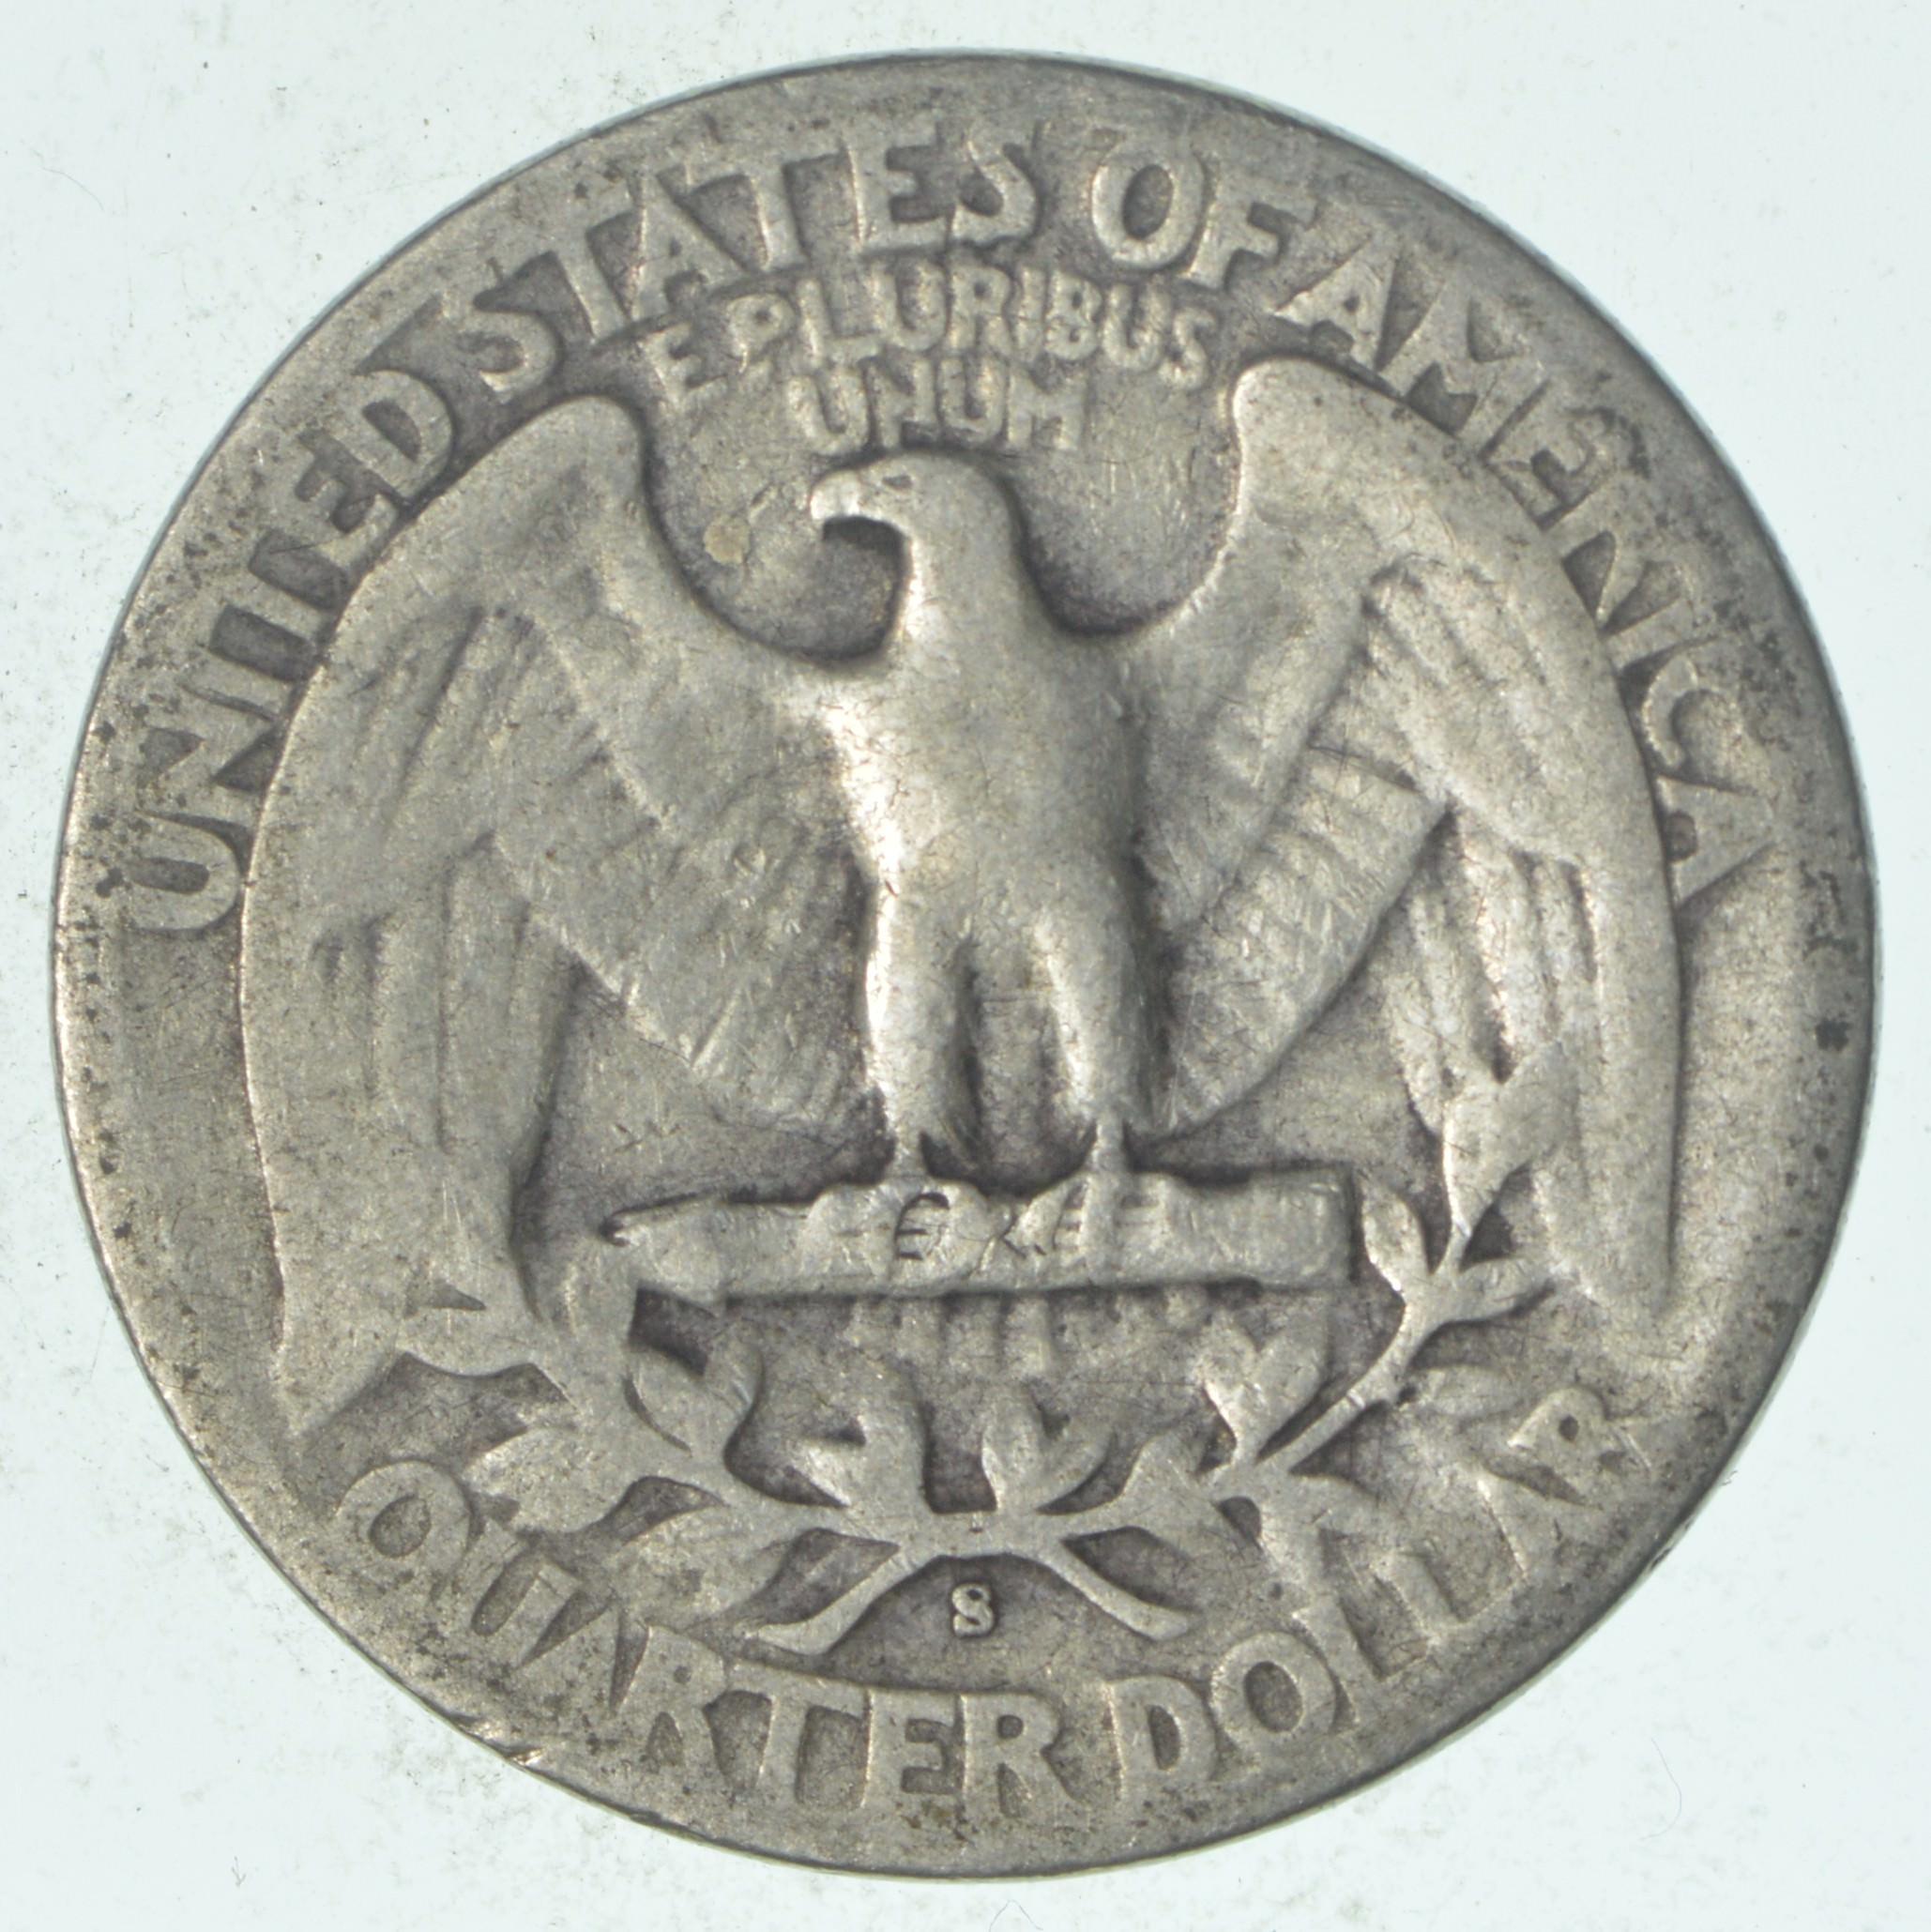 S Mint Mark Tough 1942 S Washington Quarter Rare